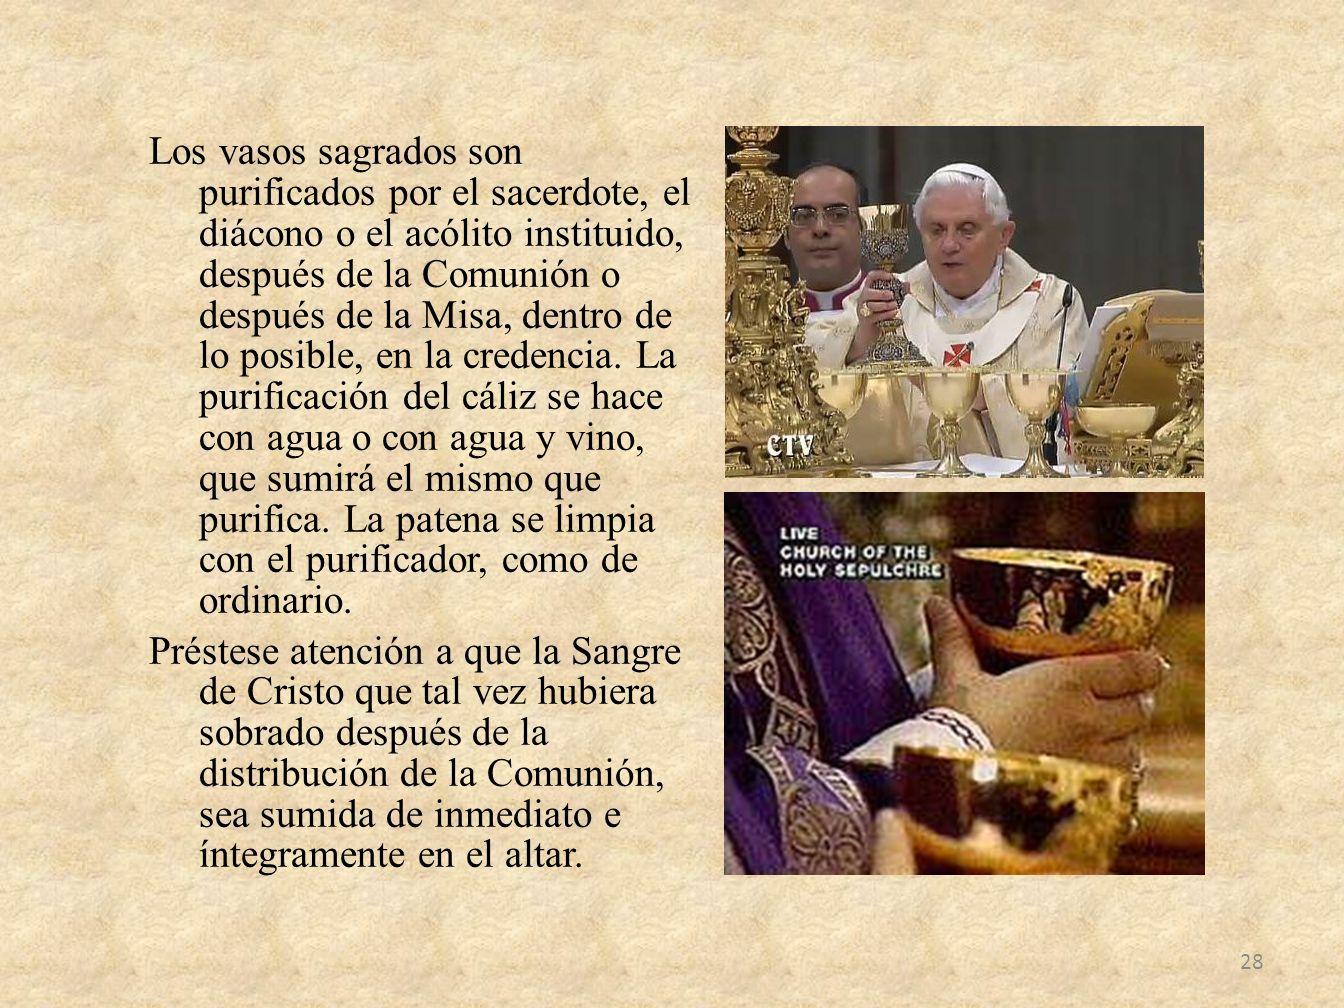 Los vasos sagrados son purificados por el sacerdote, el diácono o el acólito instituido, después de la Comunión o después de la Misa, dentro de lo pos